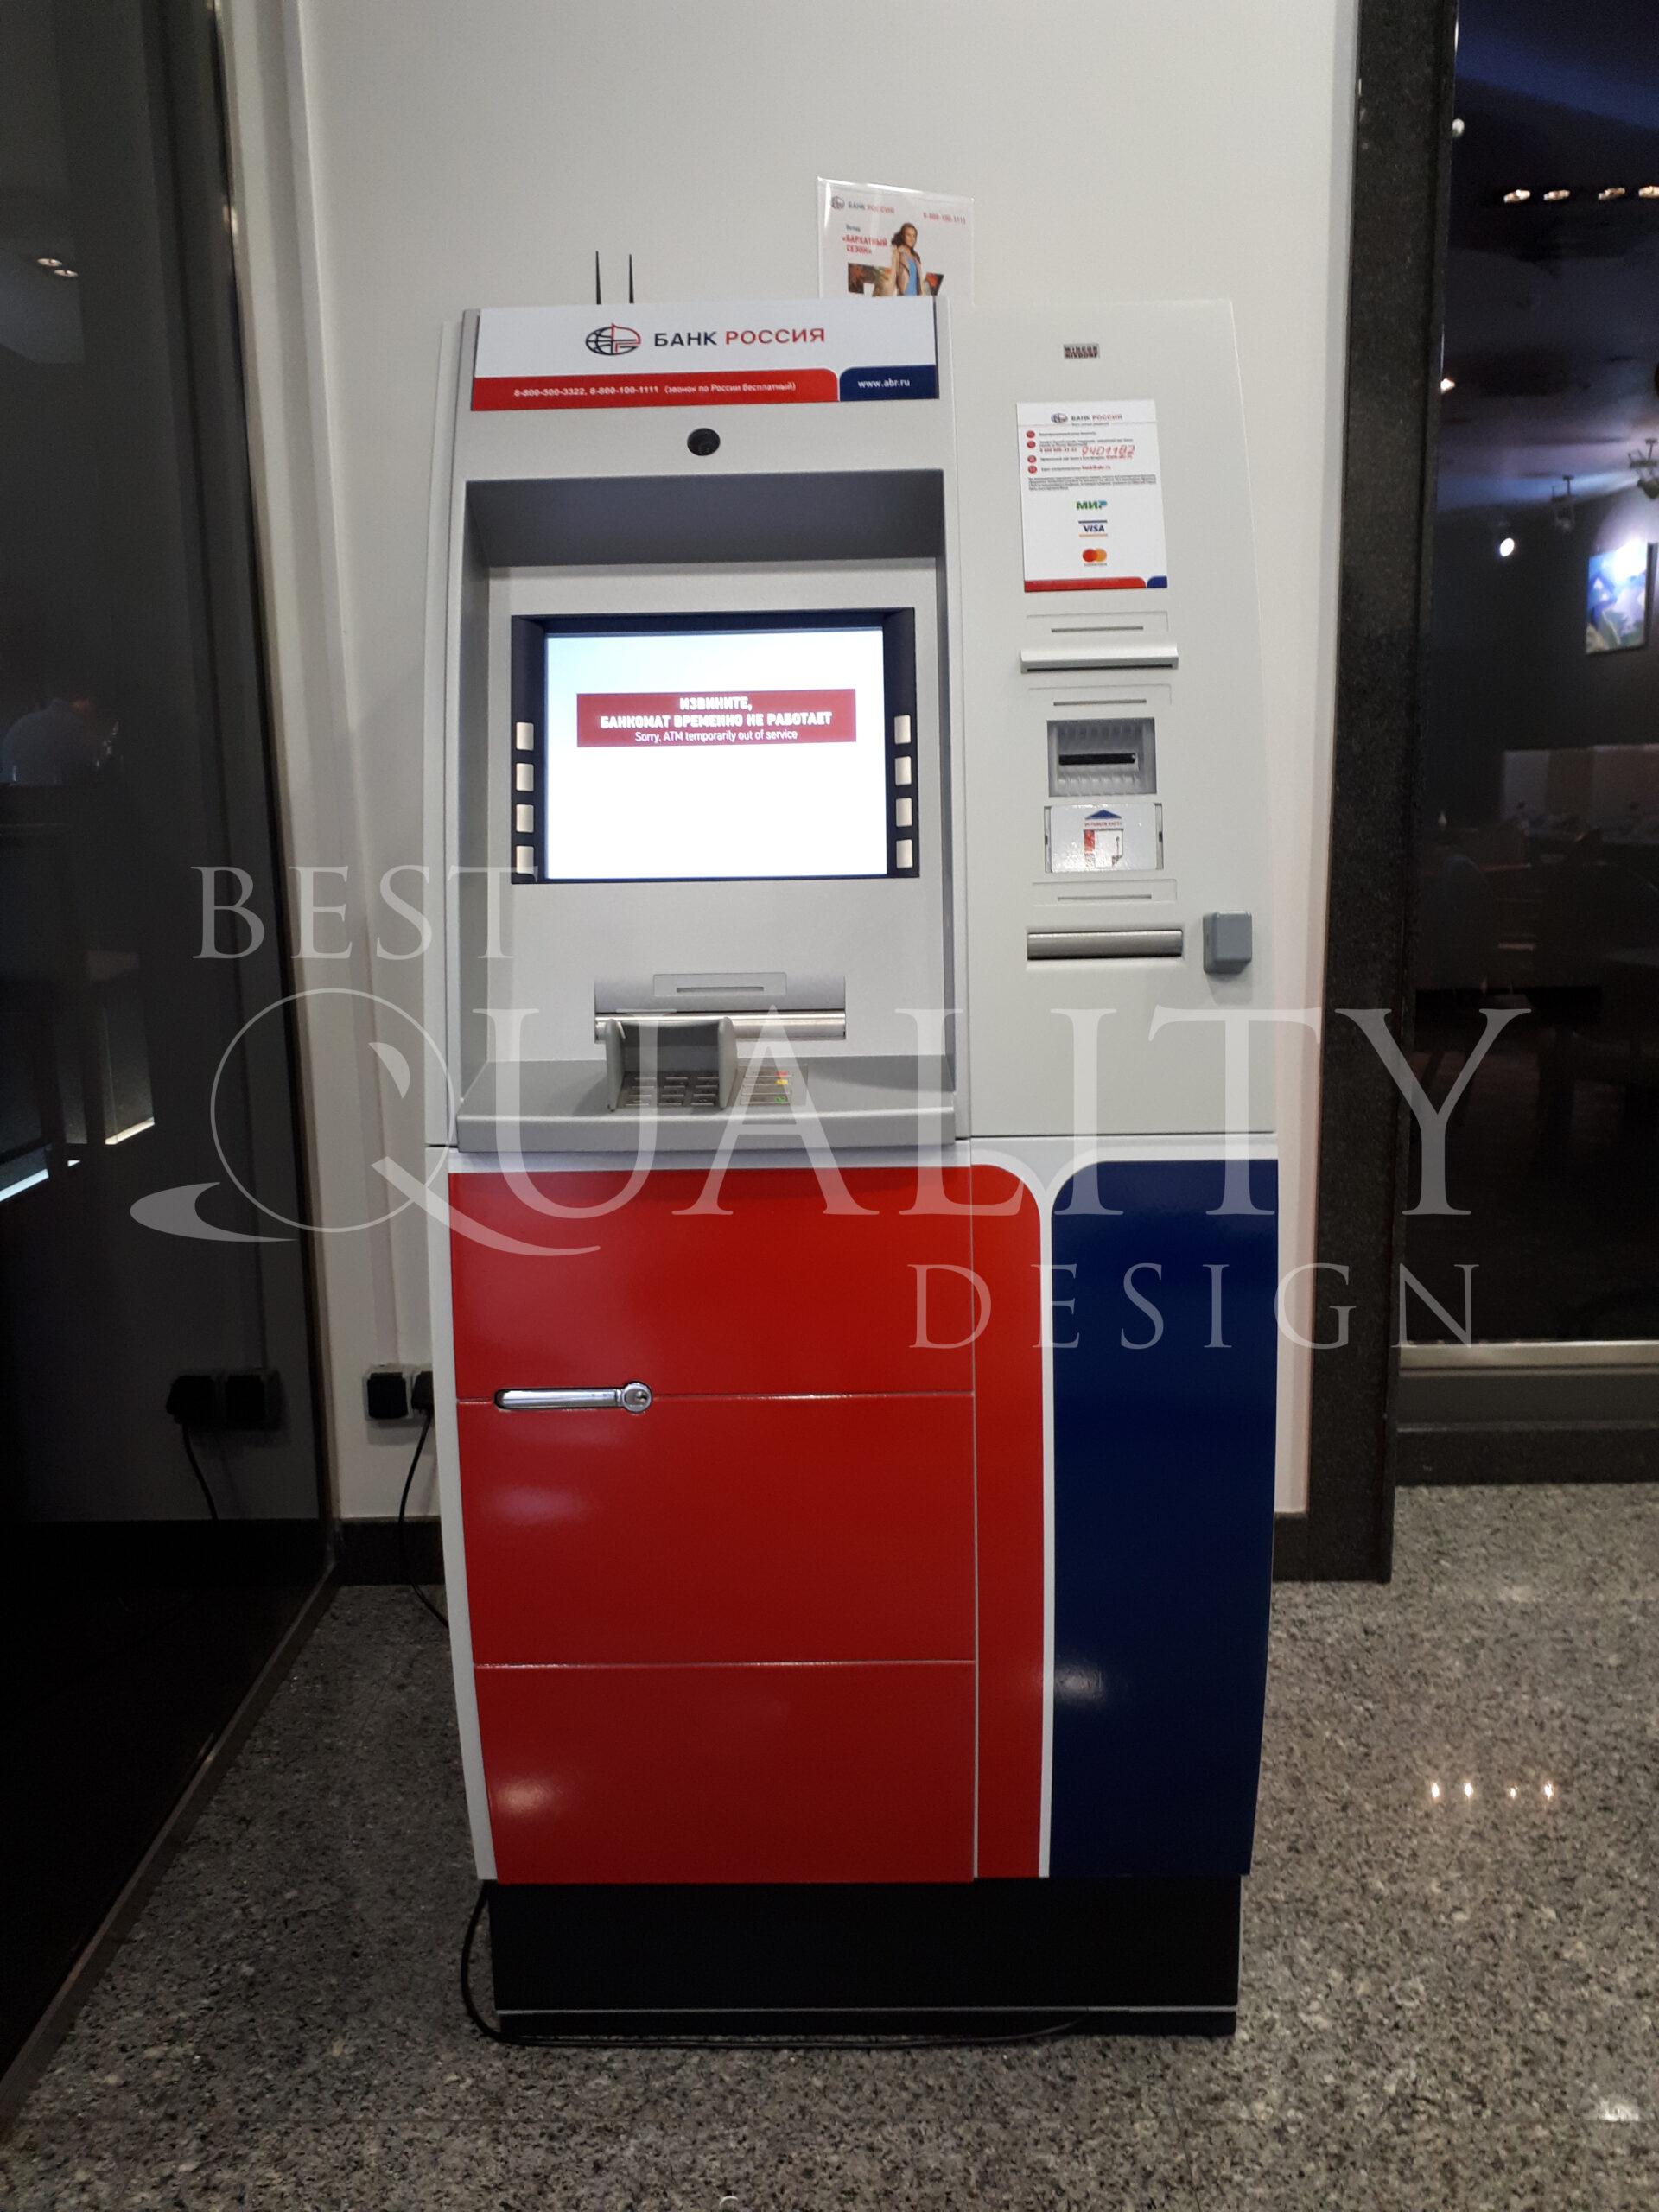 Брендирование банкоматов Банка «Россия»